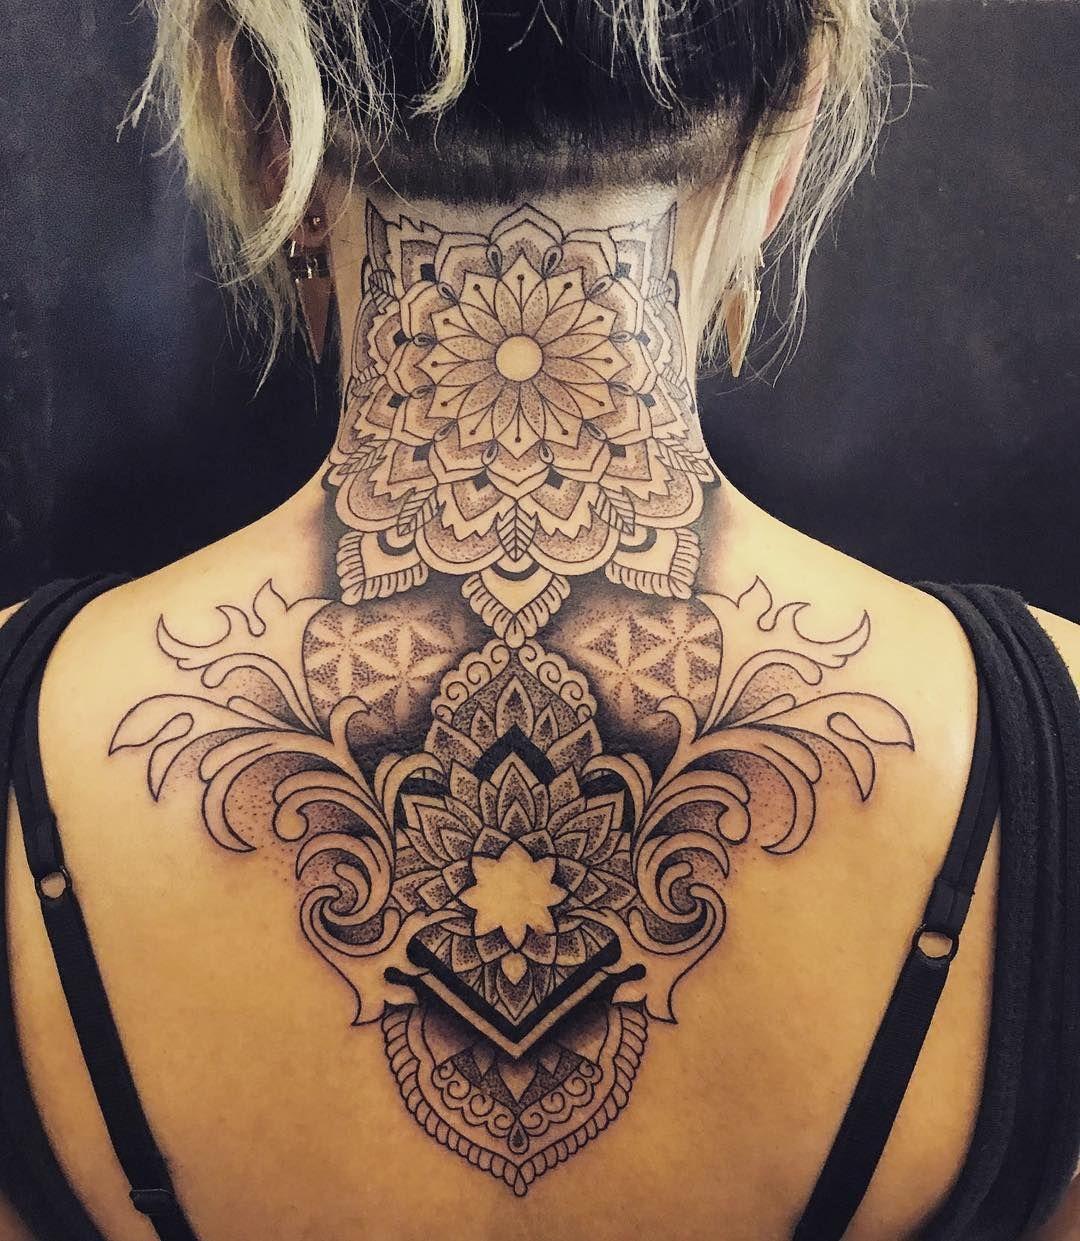 Neck Mandala Tattoo C Evelyn Hankovszki Mandala Tattoo Design Back Of Neck Tattoo Tattoos